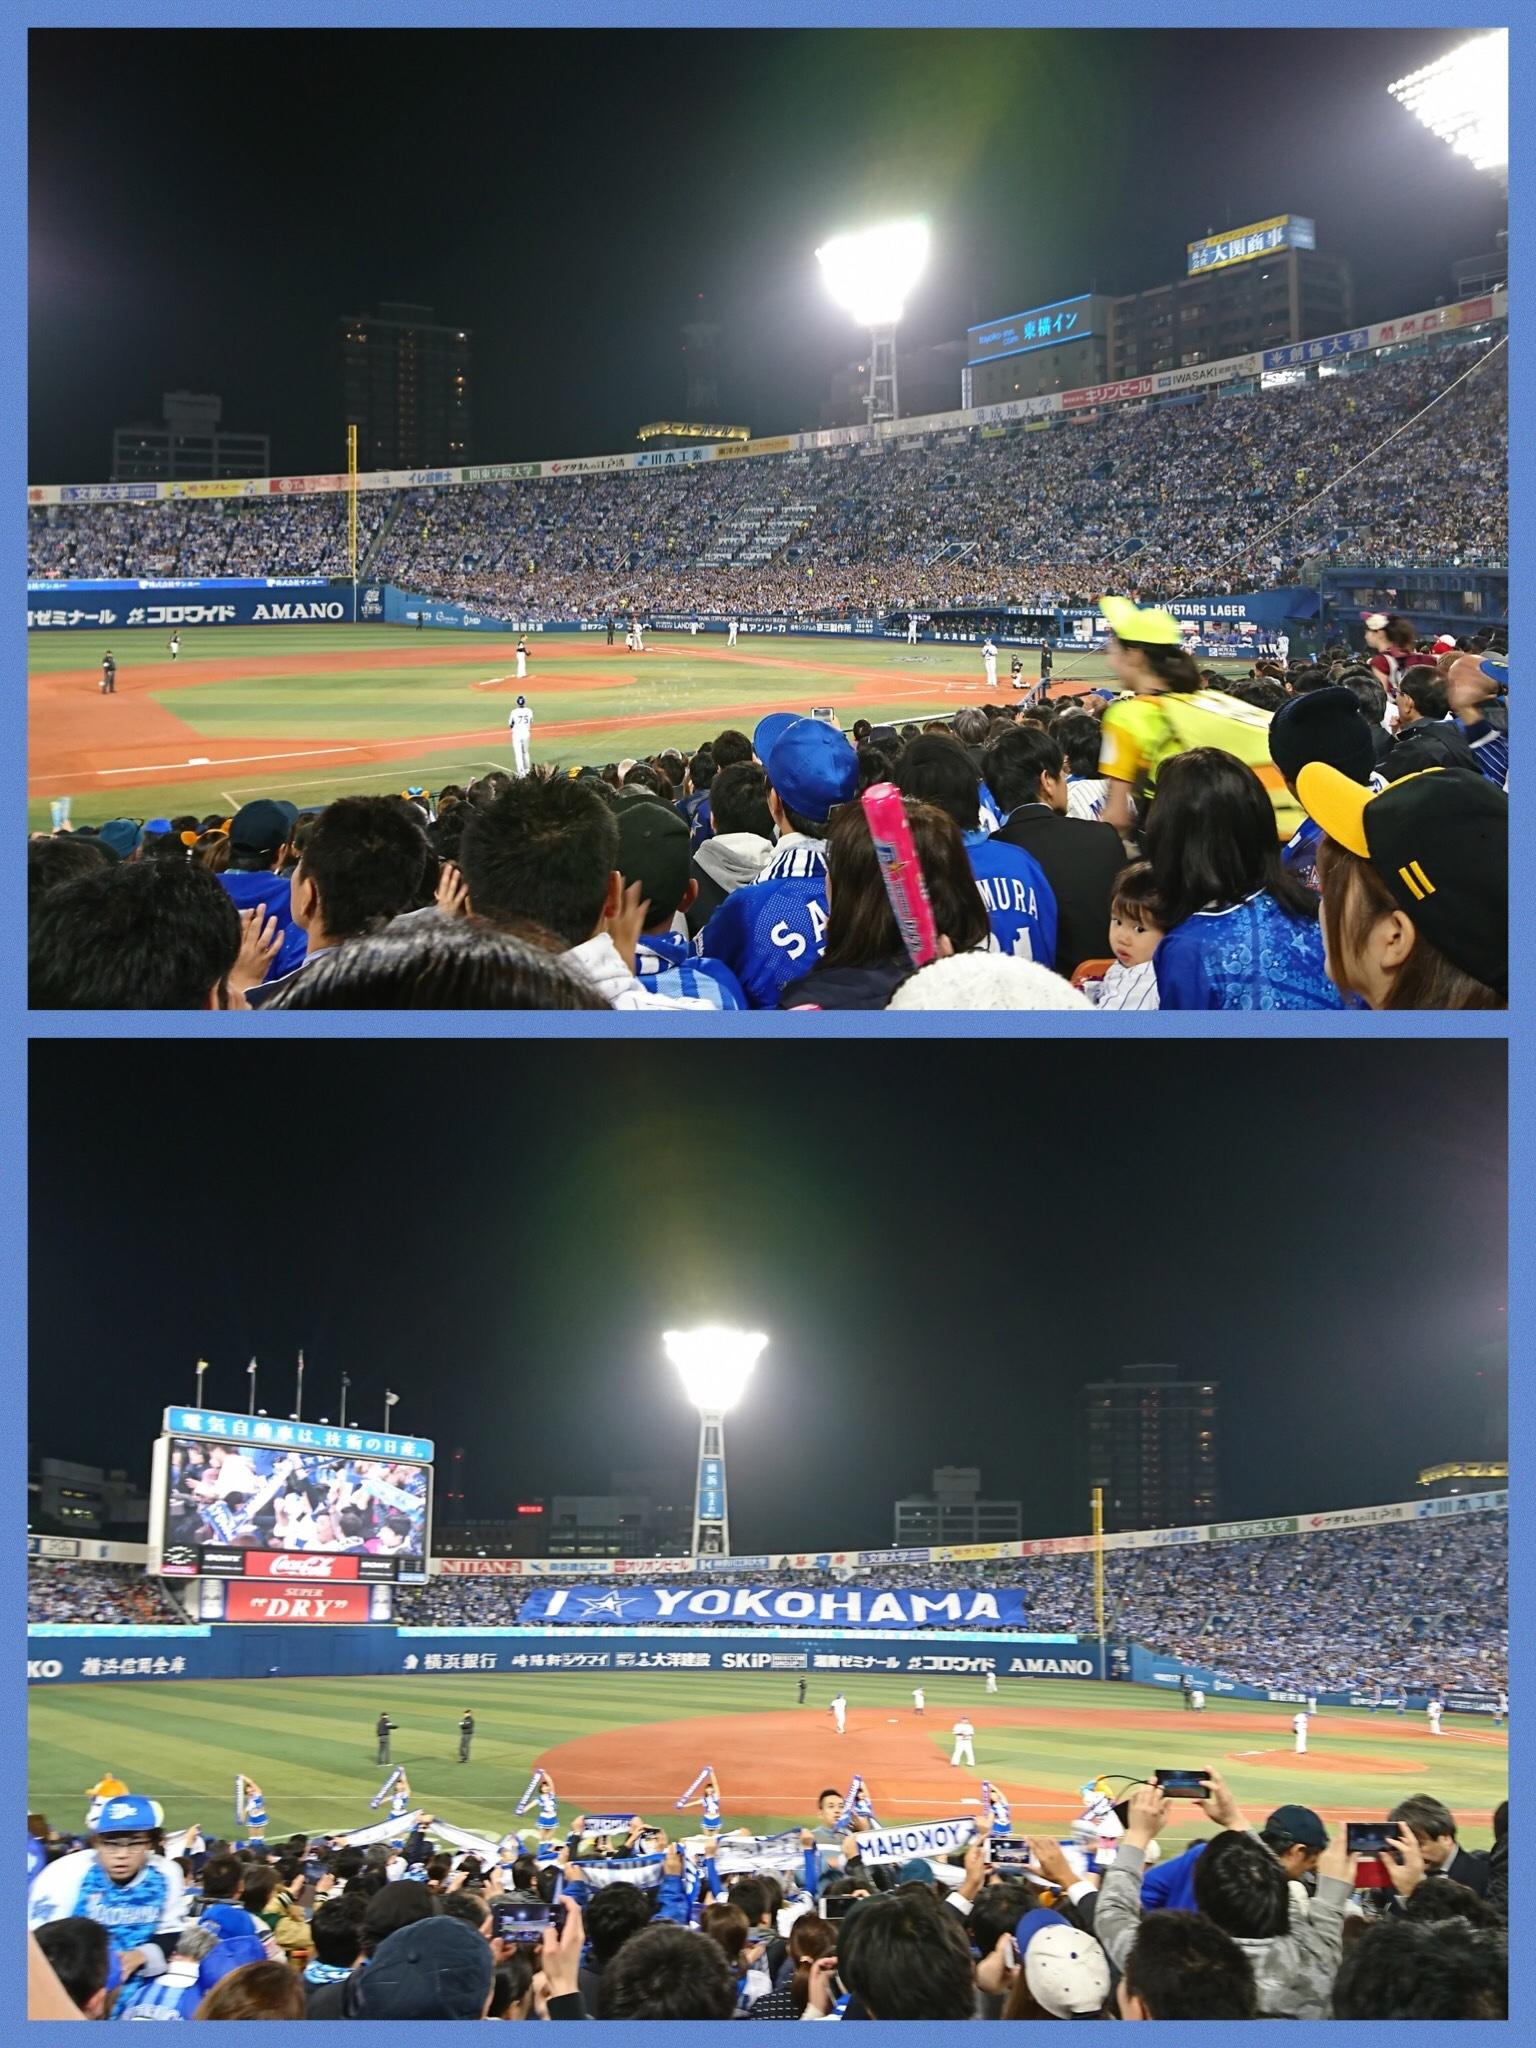 横浜スタジアム 日本シリーズ2017 ベイスターズvsダイエーホークス 4戦